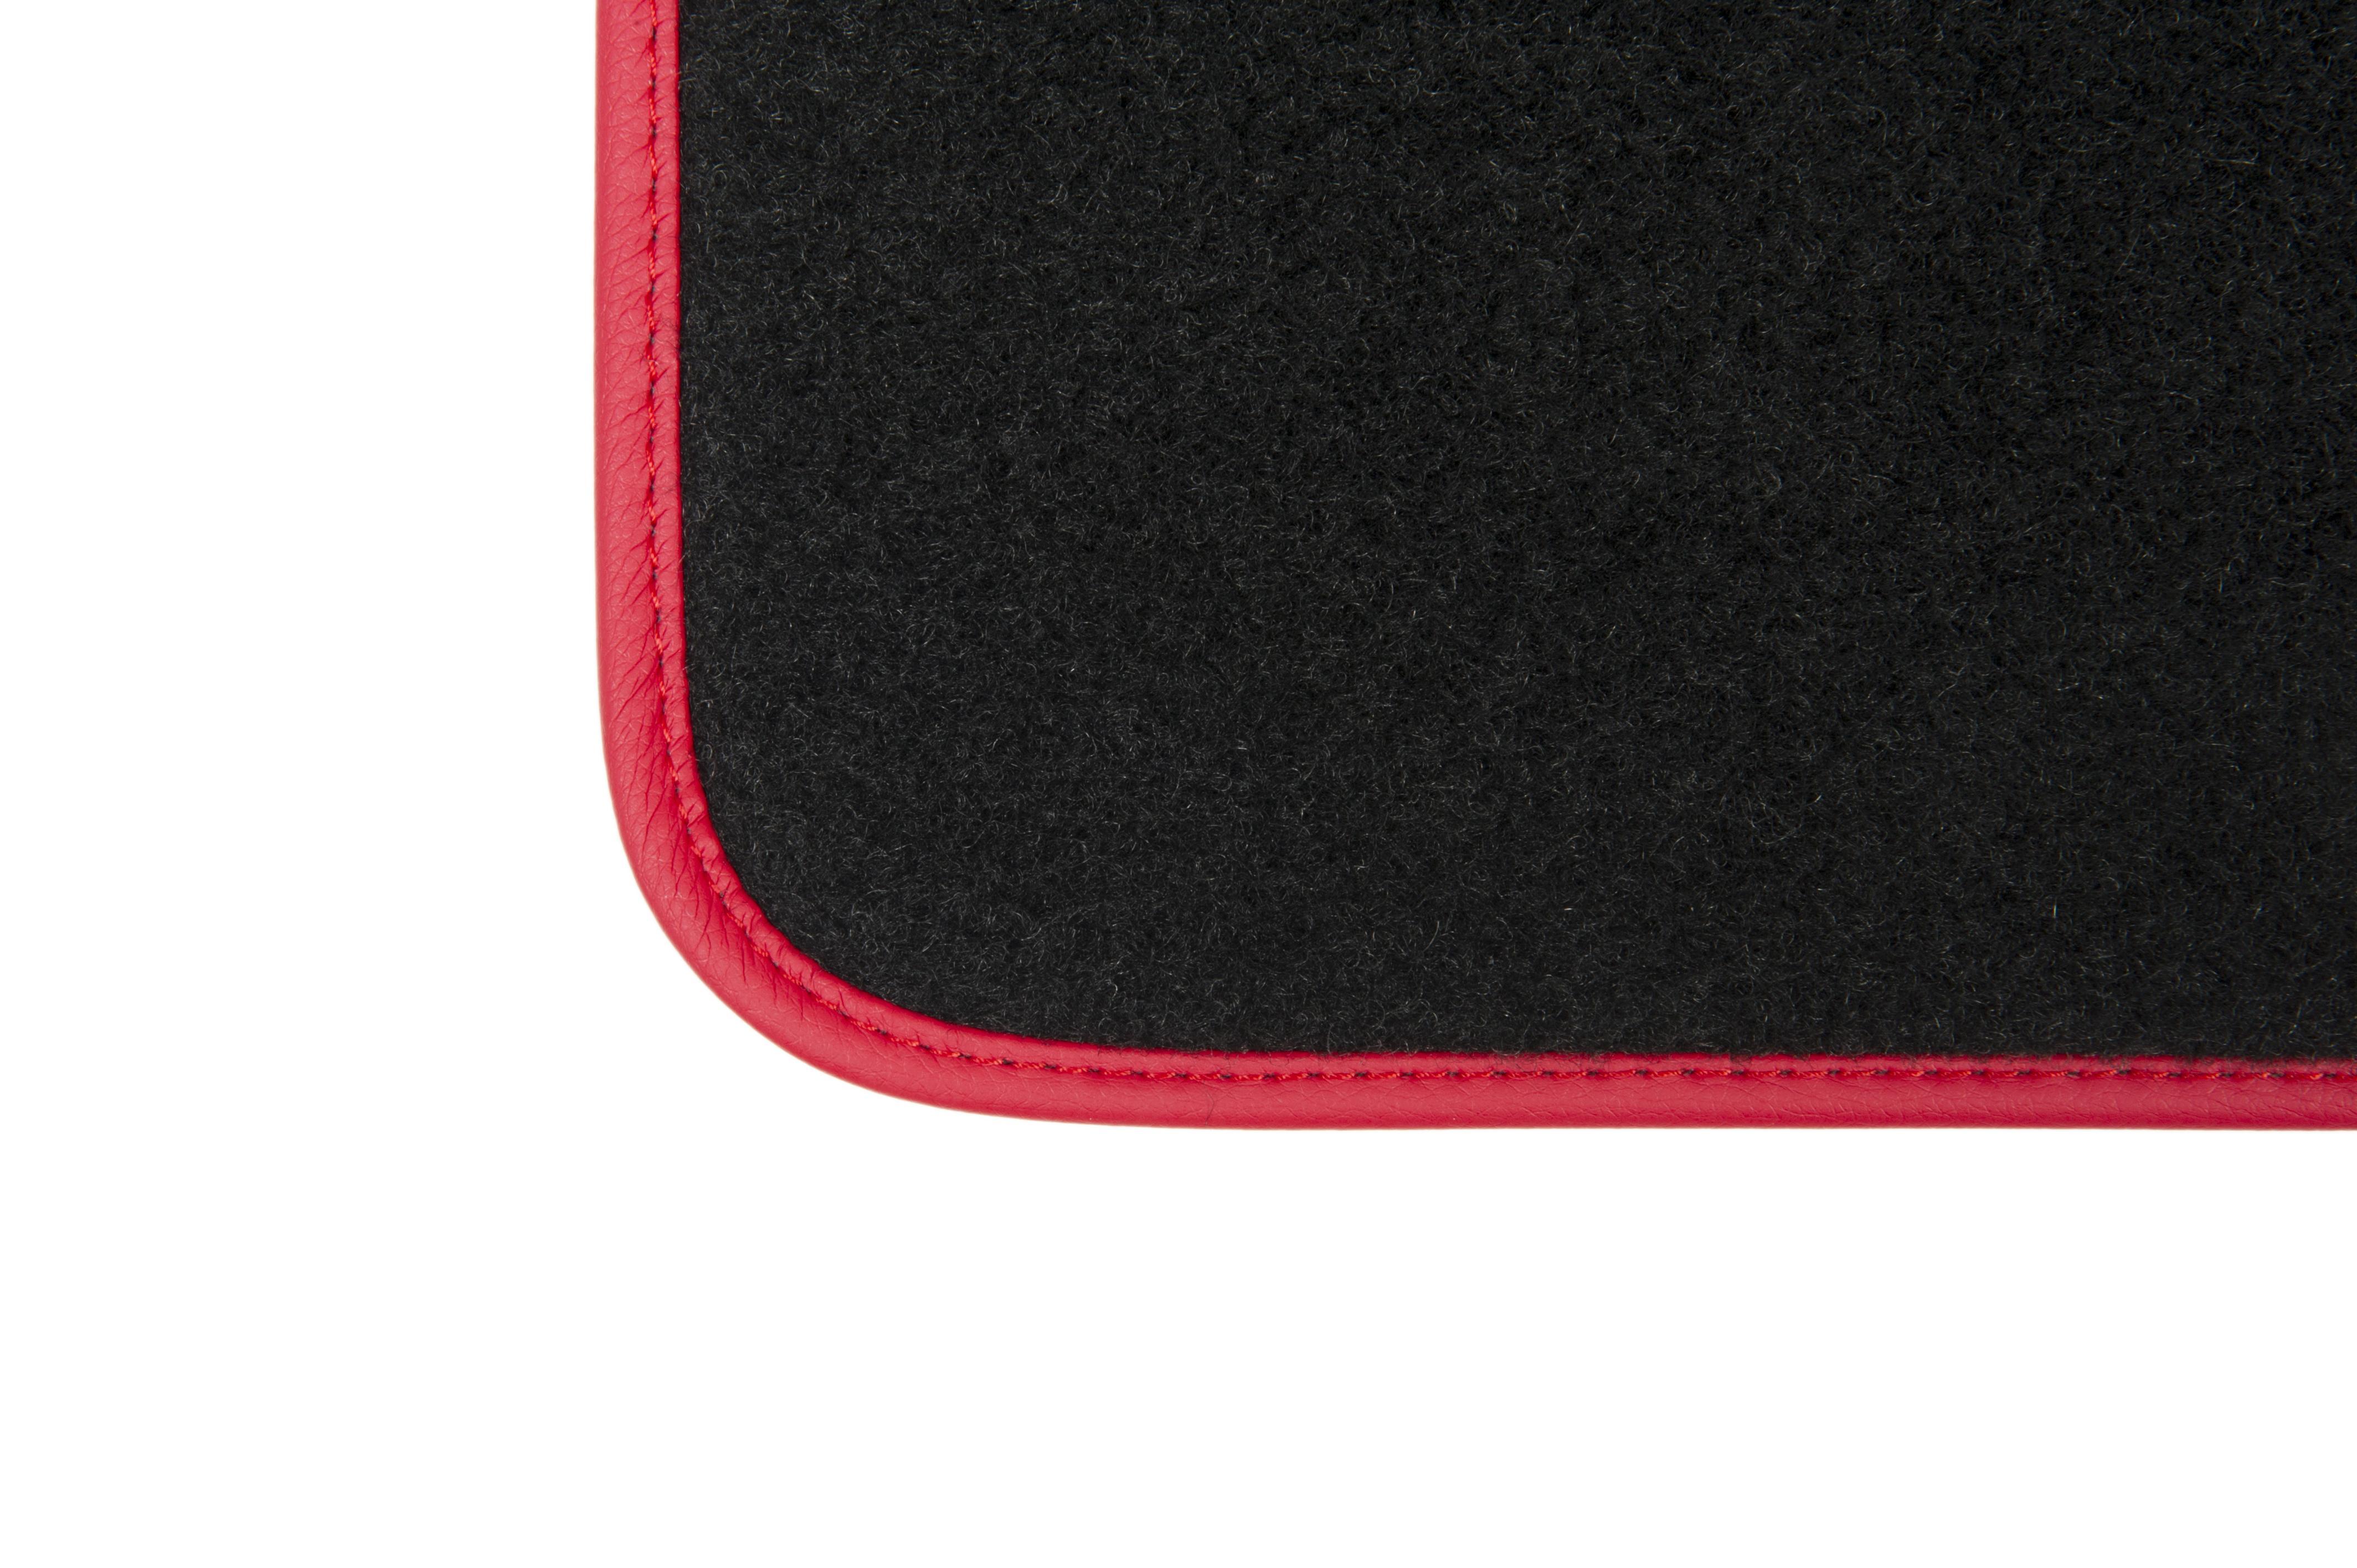 01765766 Ensemble de tapis de sol DBS 01765766 - Enorme sélection — fortement réduit